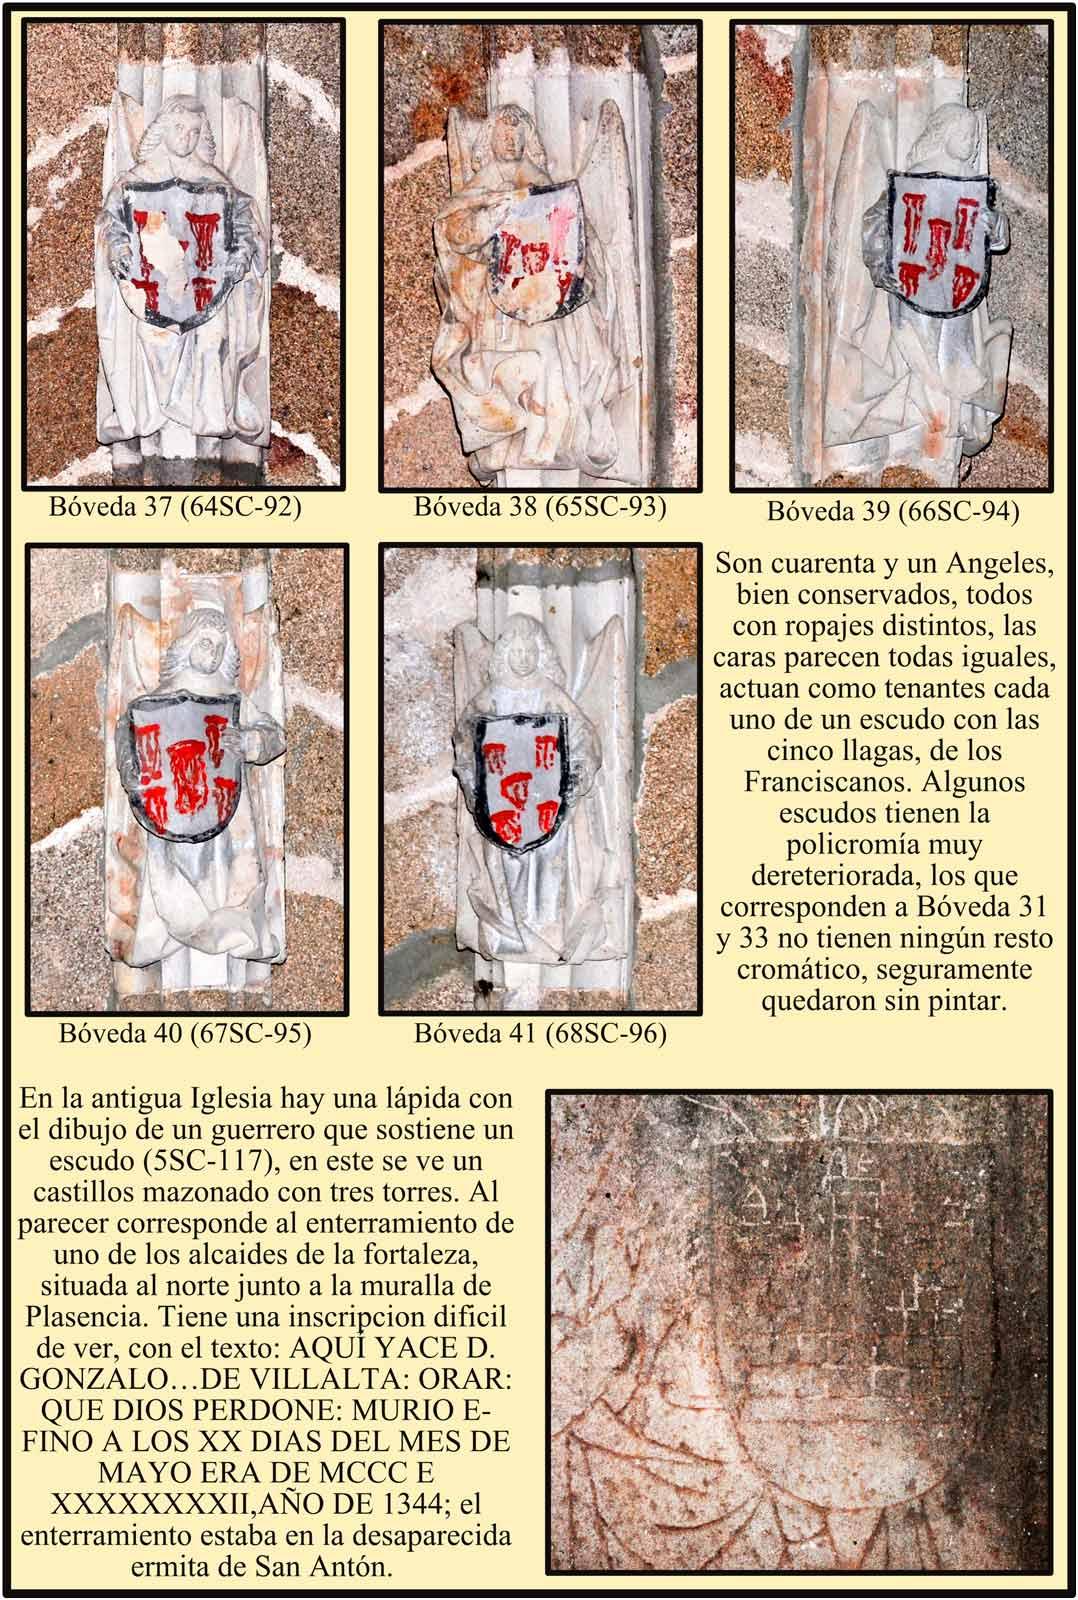 Lapida del enterramiento del alcaide de la fortaleza. Plasencia